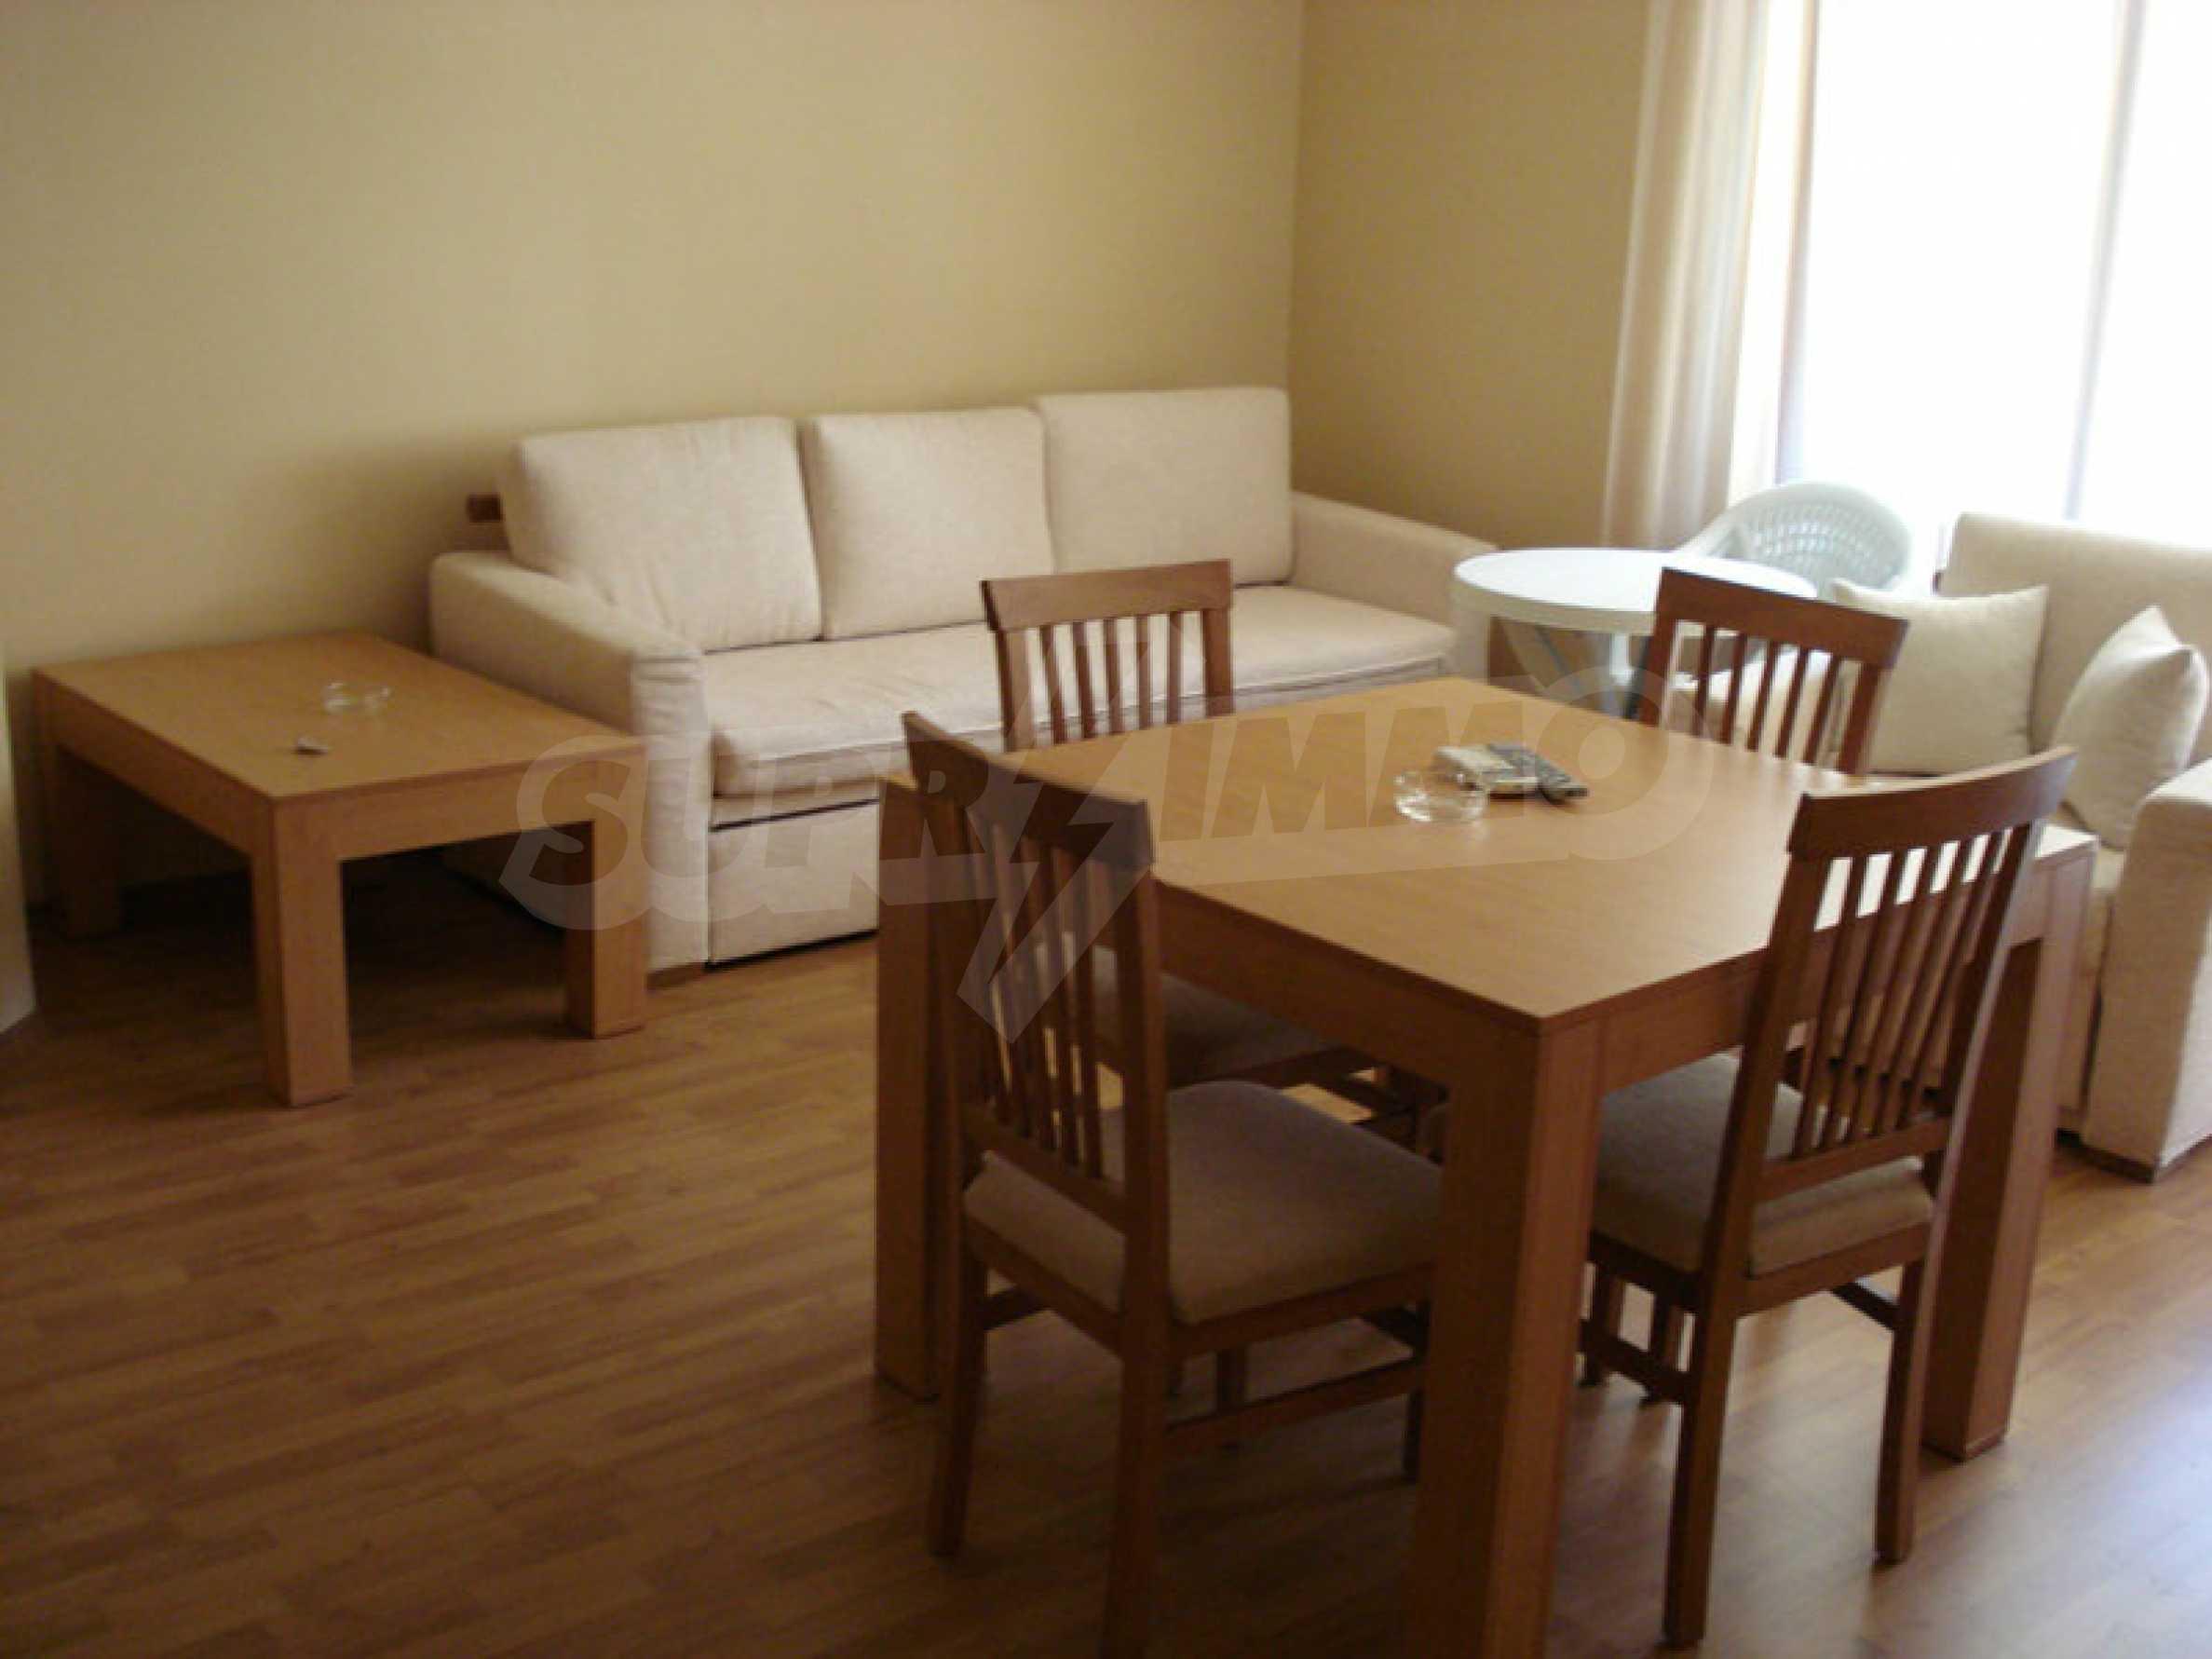 One bedroom apartment in Golden Sands 1